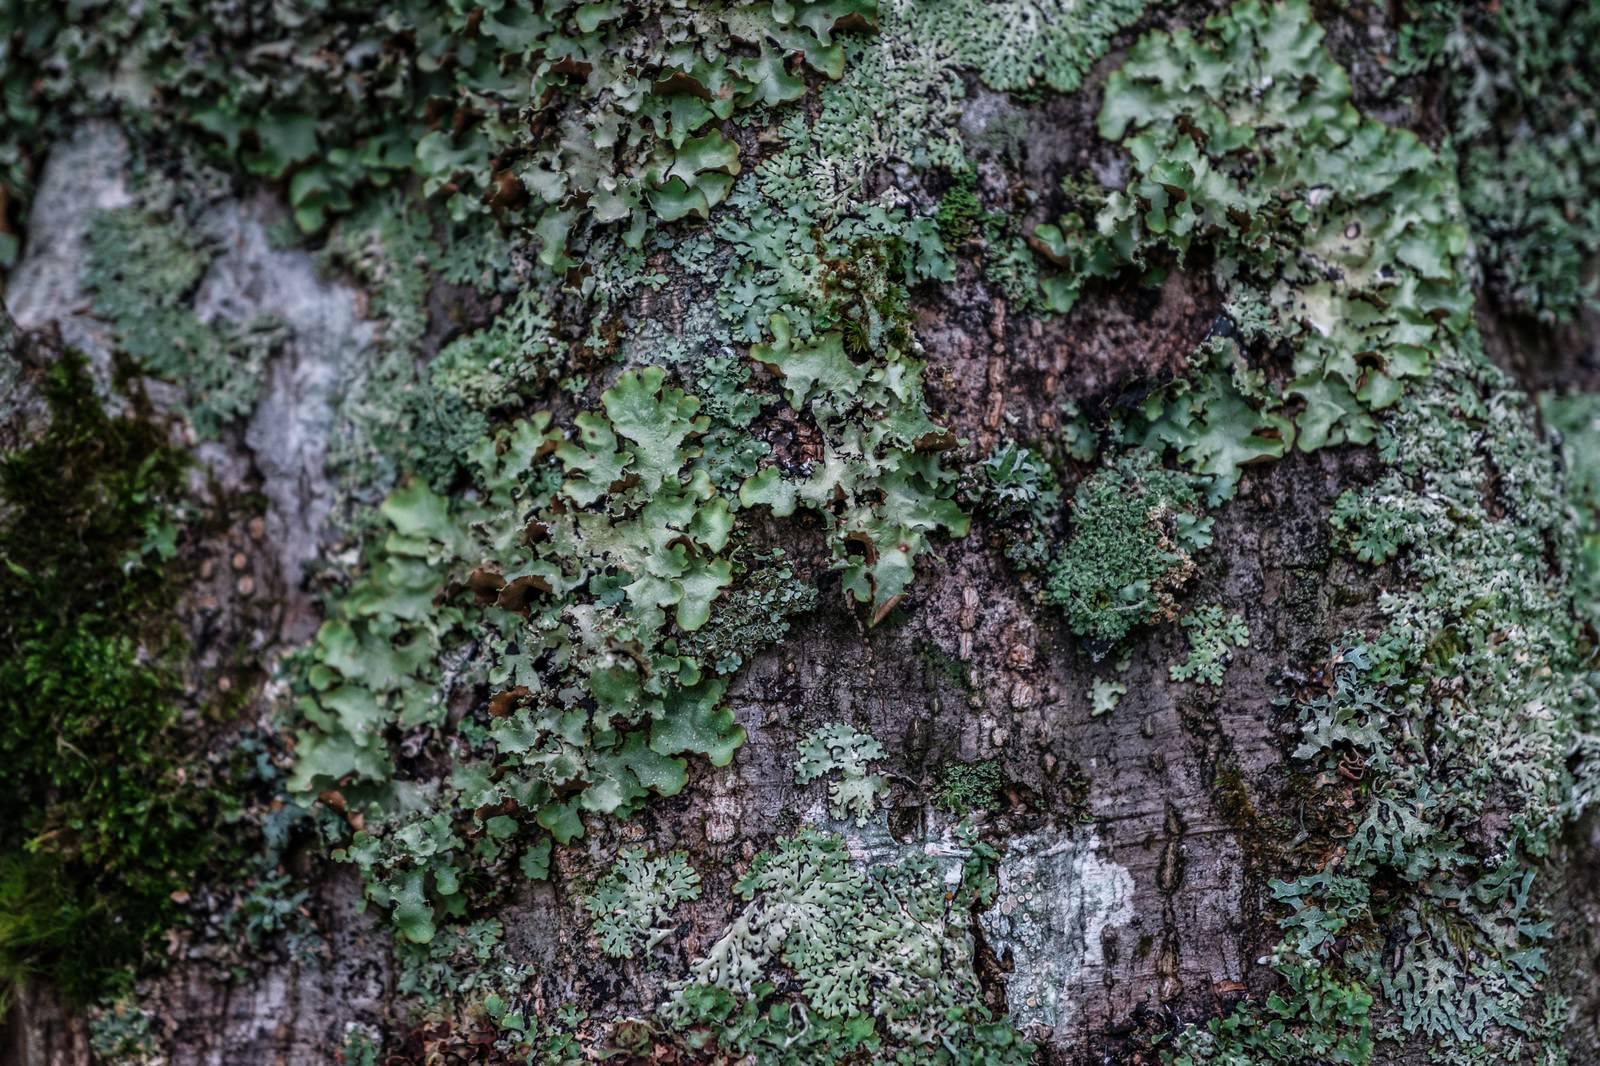 「木に生えた苔木に生えた苔」のフリー写真素材を拡大